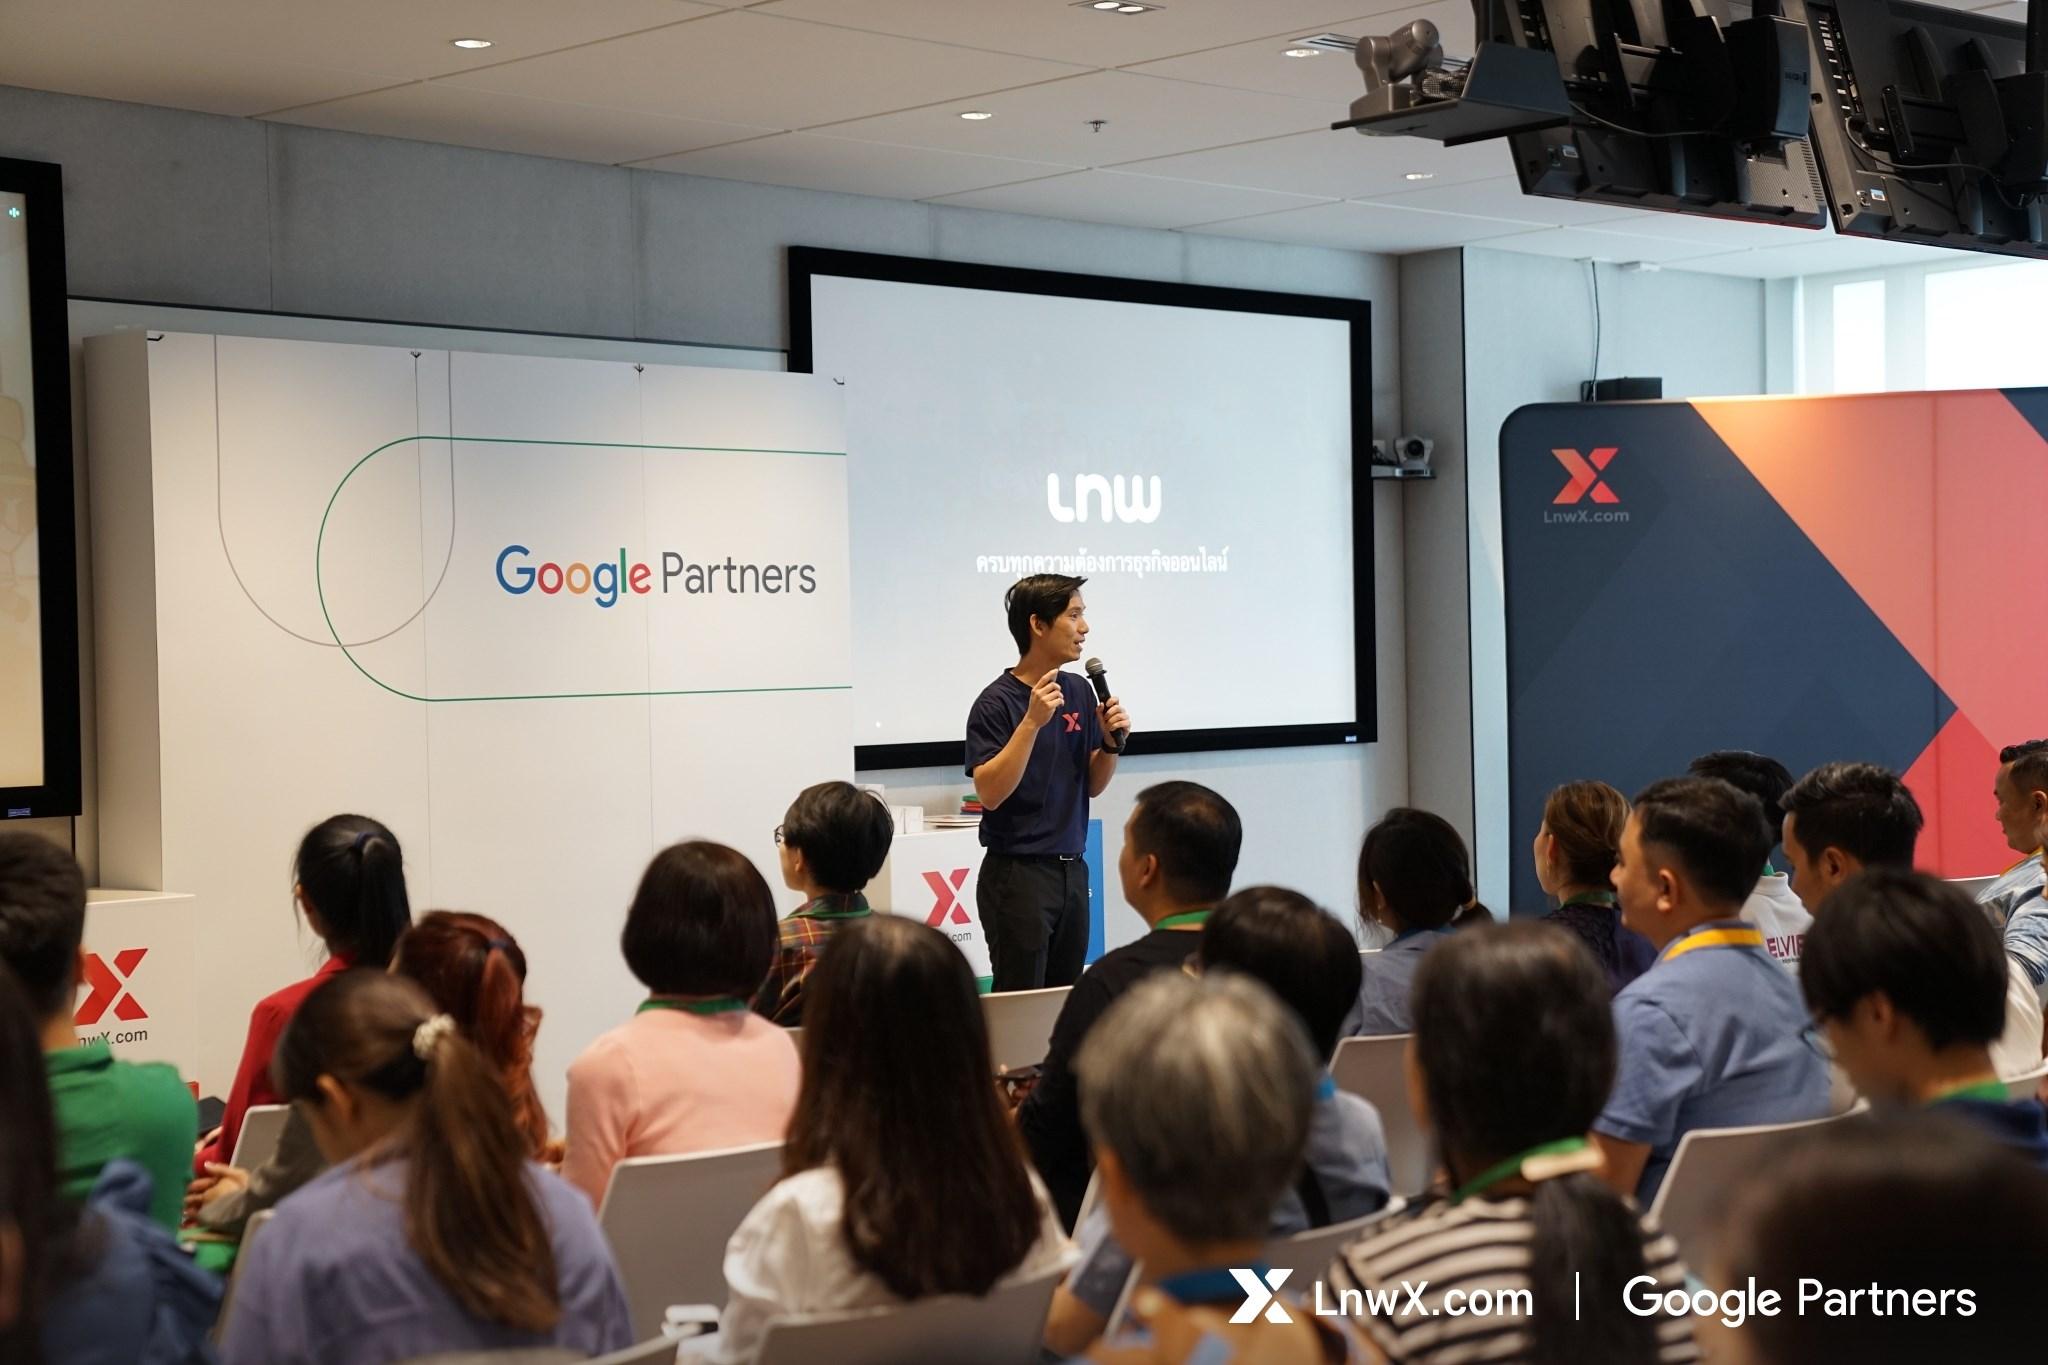 28 พ.ย. นี้ พบกันอีกครั้งกับ Exclusive Event with LnwX & Google #2